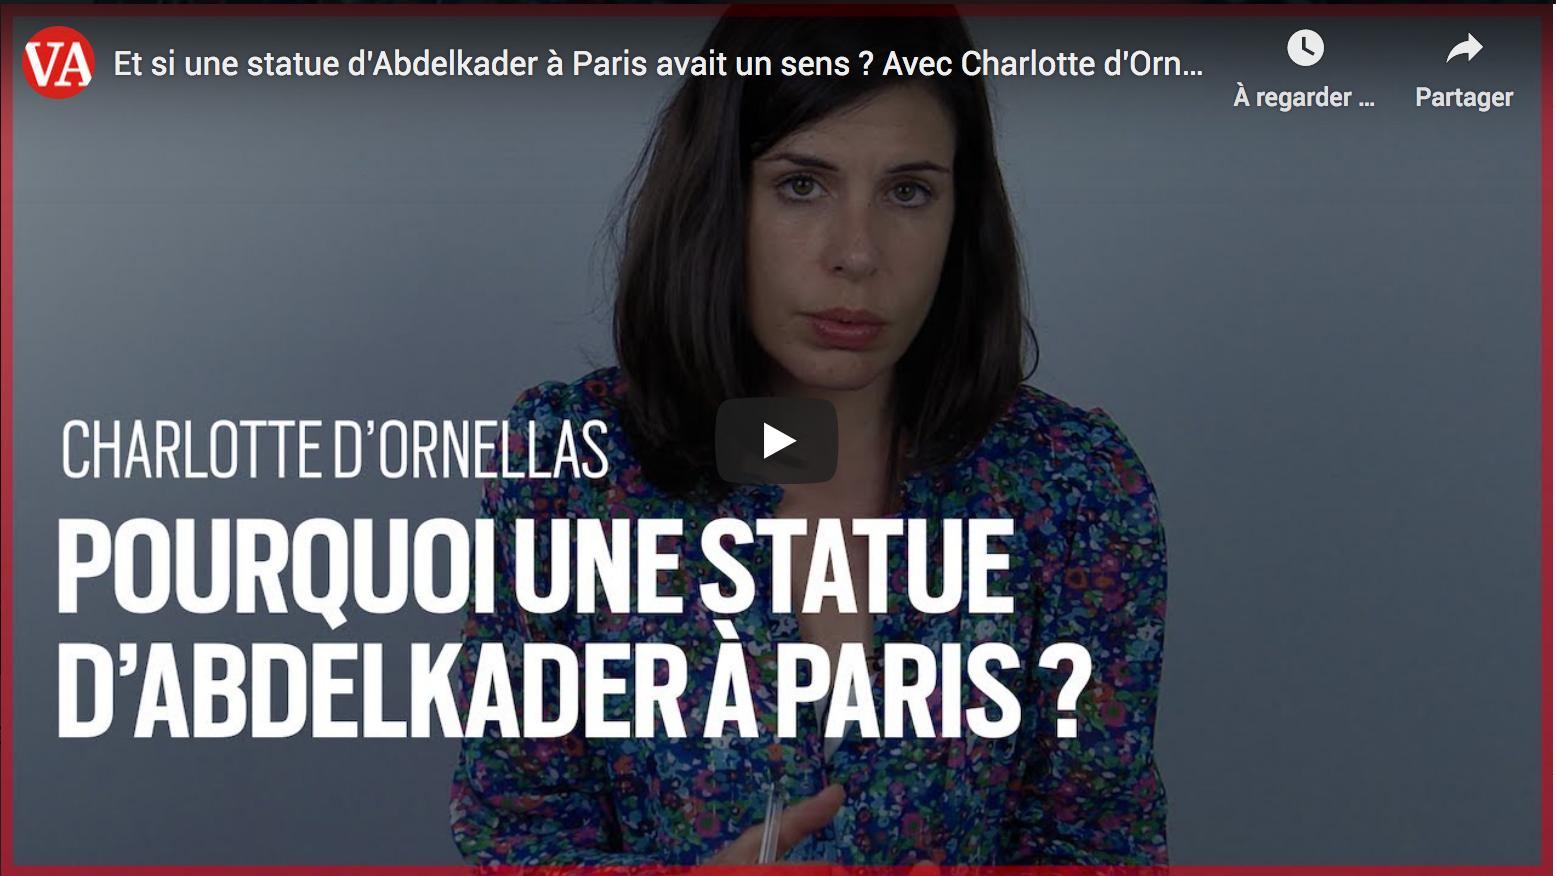 Défenseur des chrétiens d'Orient et décoré par la France : et si une statue de l'Emir Abdelkader à Paris avait un sens ? (Charlotte d'Ornellas)